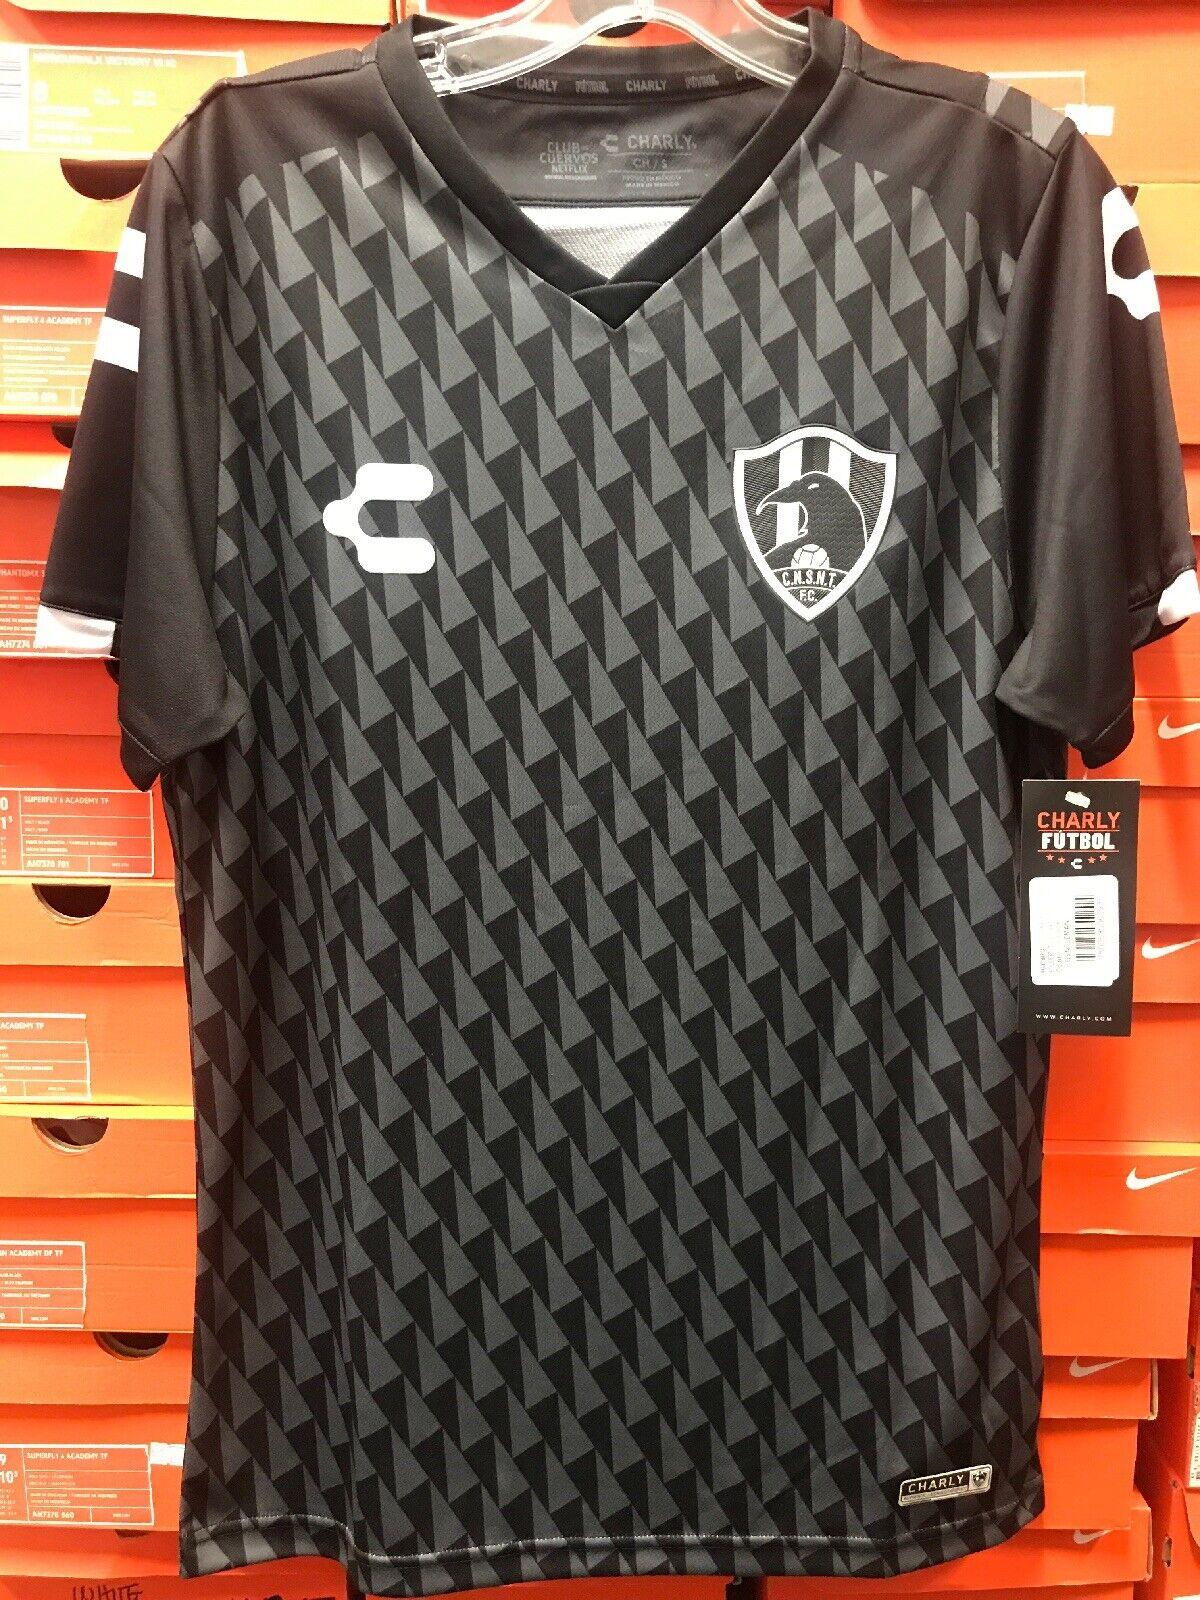 Club de cuervos temporada 4 Jersey 2019 Marca Charly Tamaño Pequeño talla pequeña